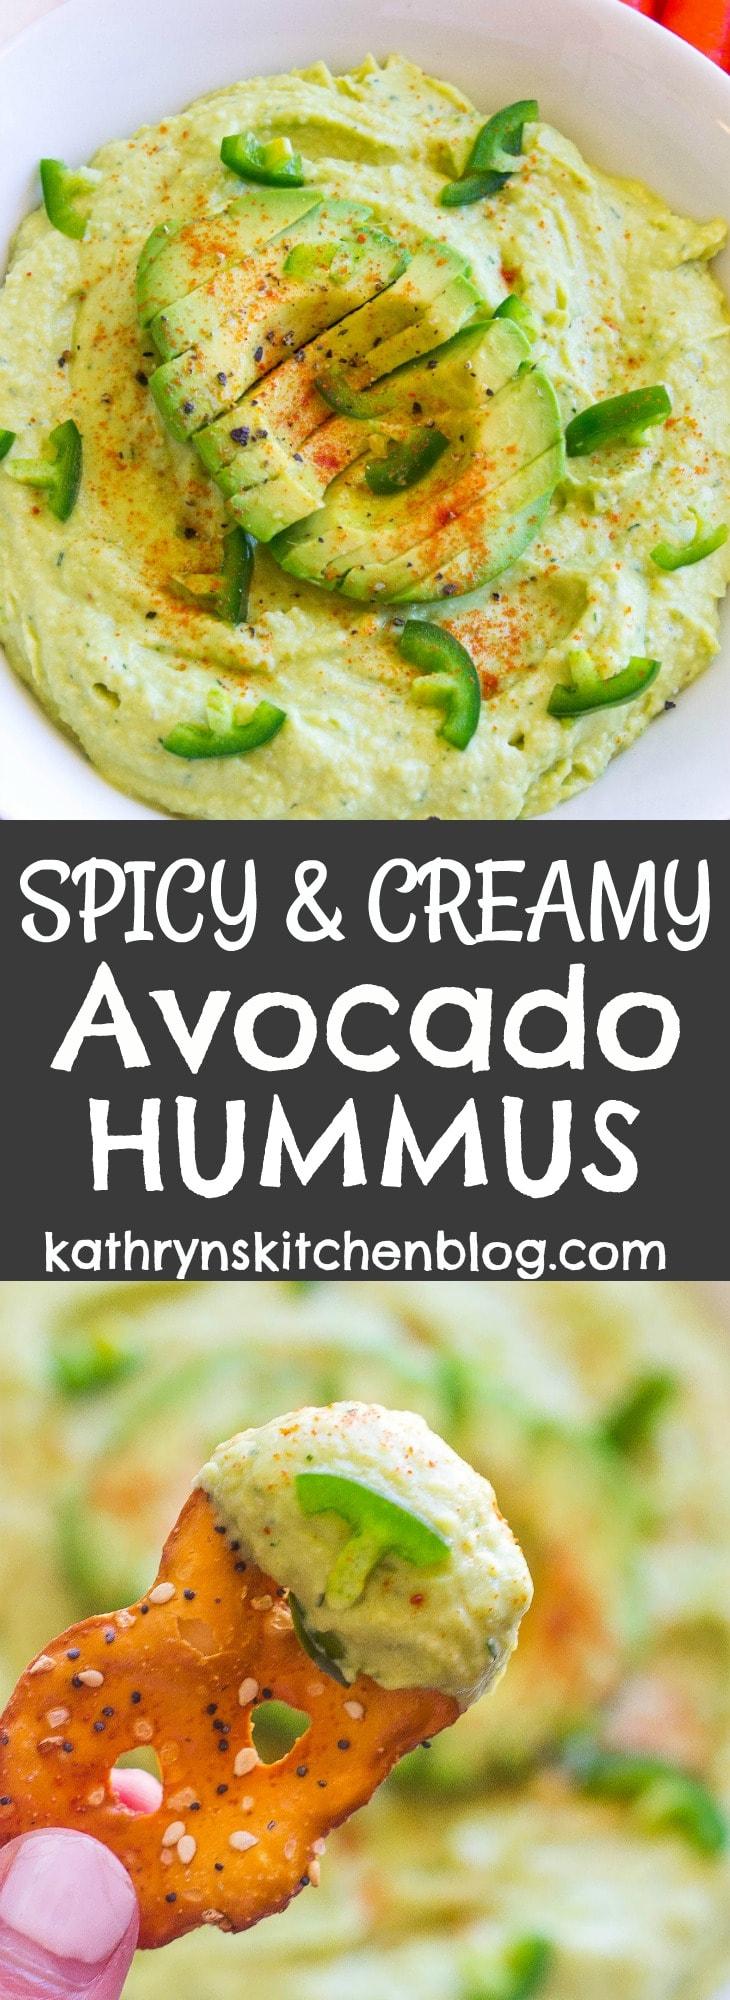 Creamy and Spicy Avocado Hummus